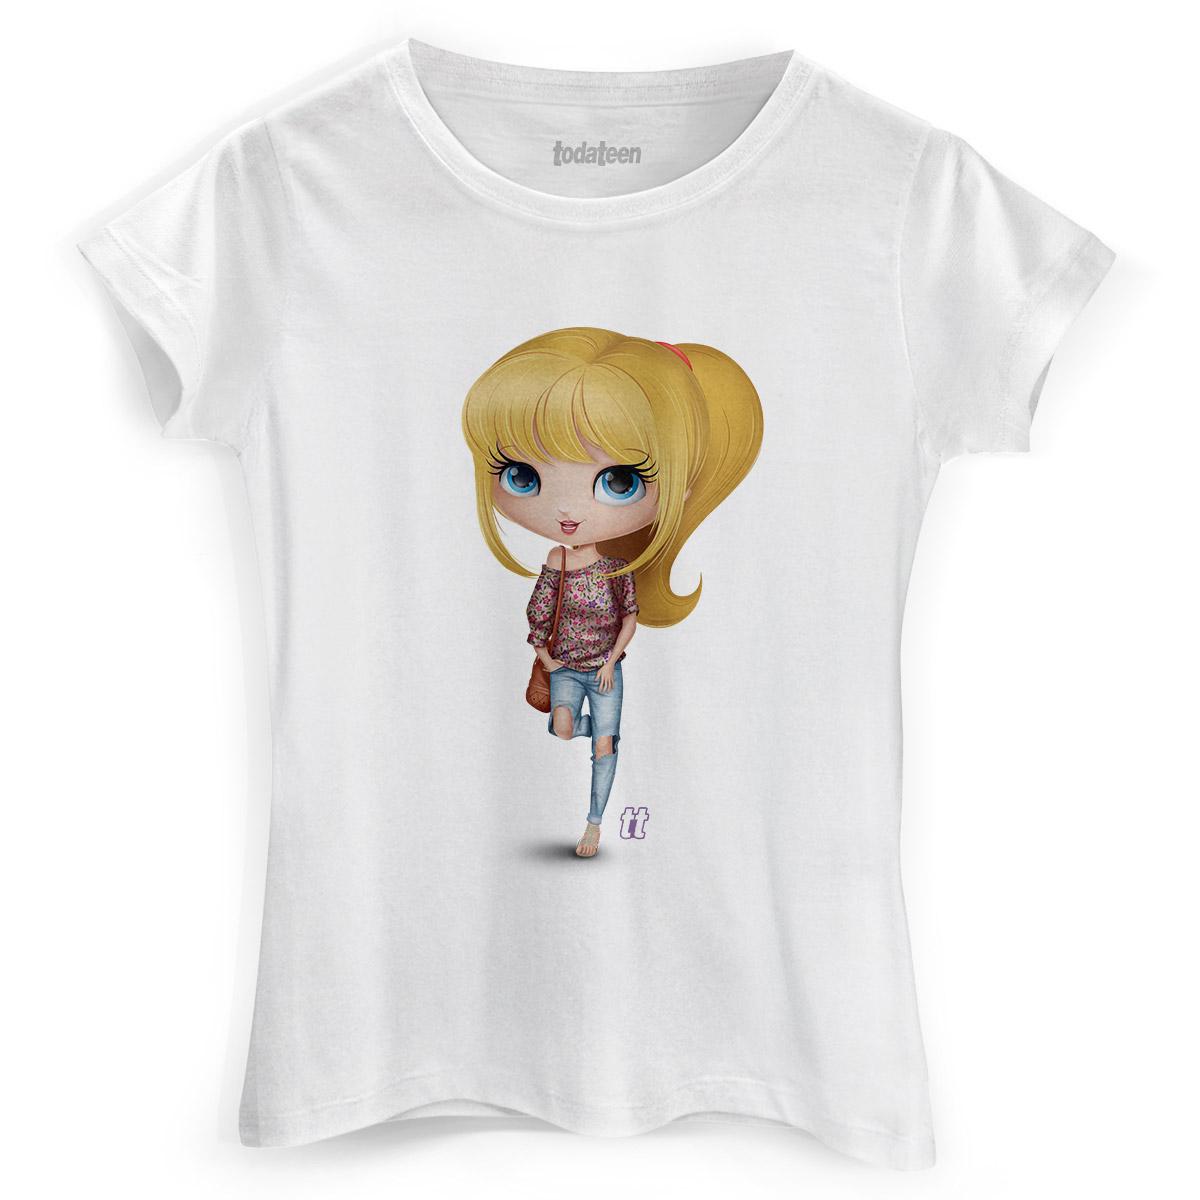 Camiseta Feminina TodaTeen Teena